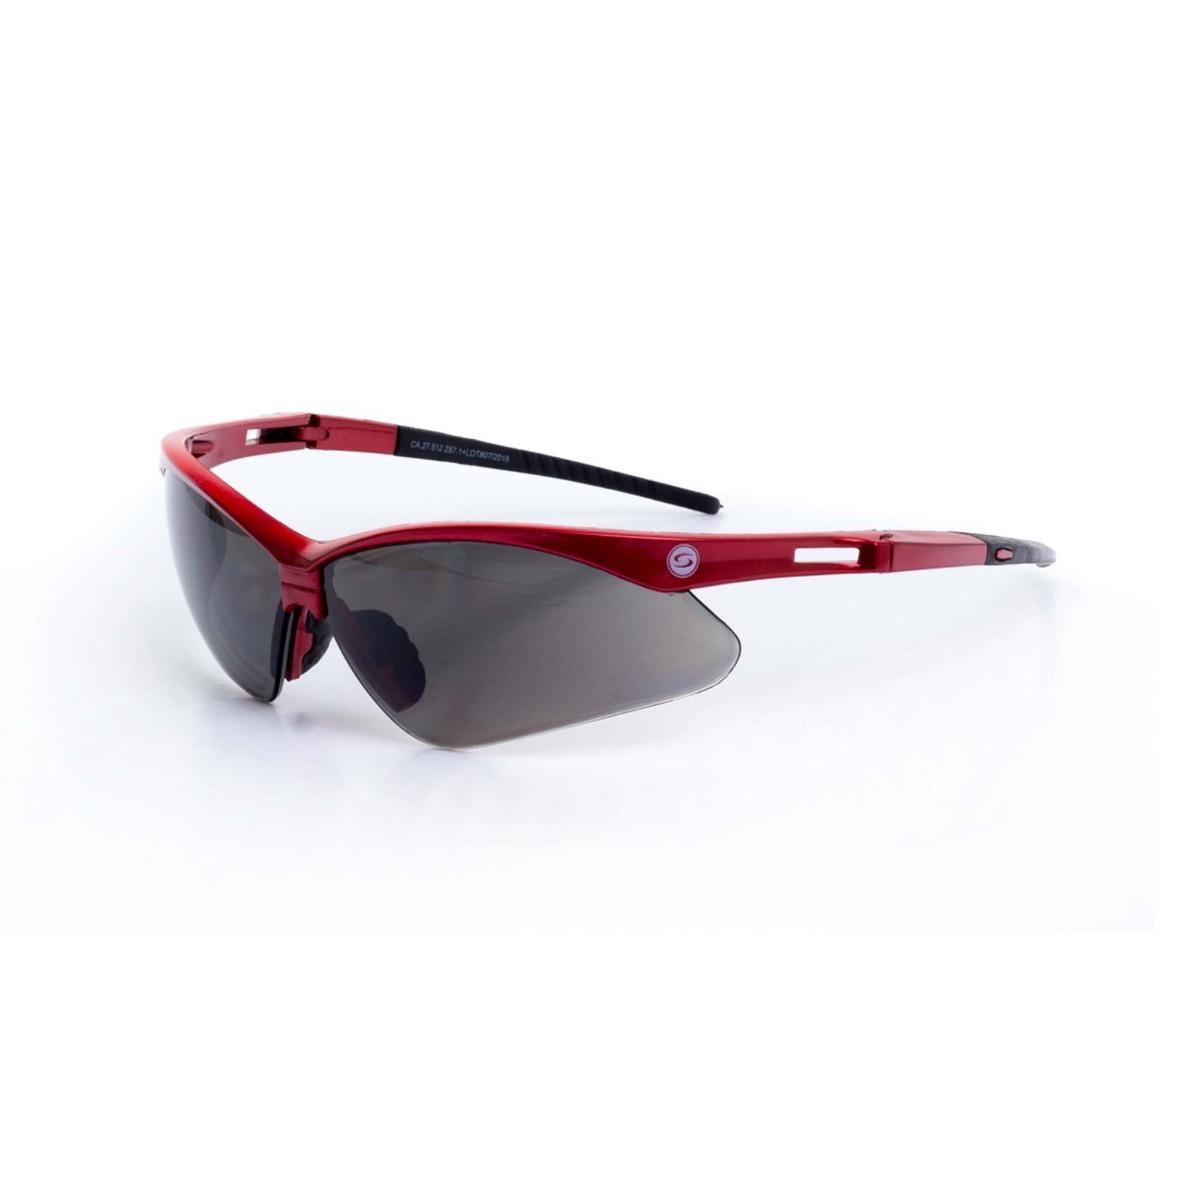 53225556c1a06 Oculos De Proteção Ss7 Lente Cinza Super Safety- Ca 27512 - R  24